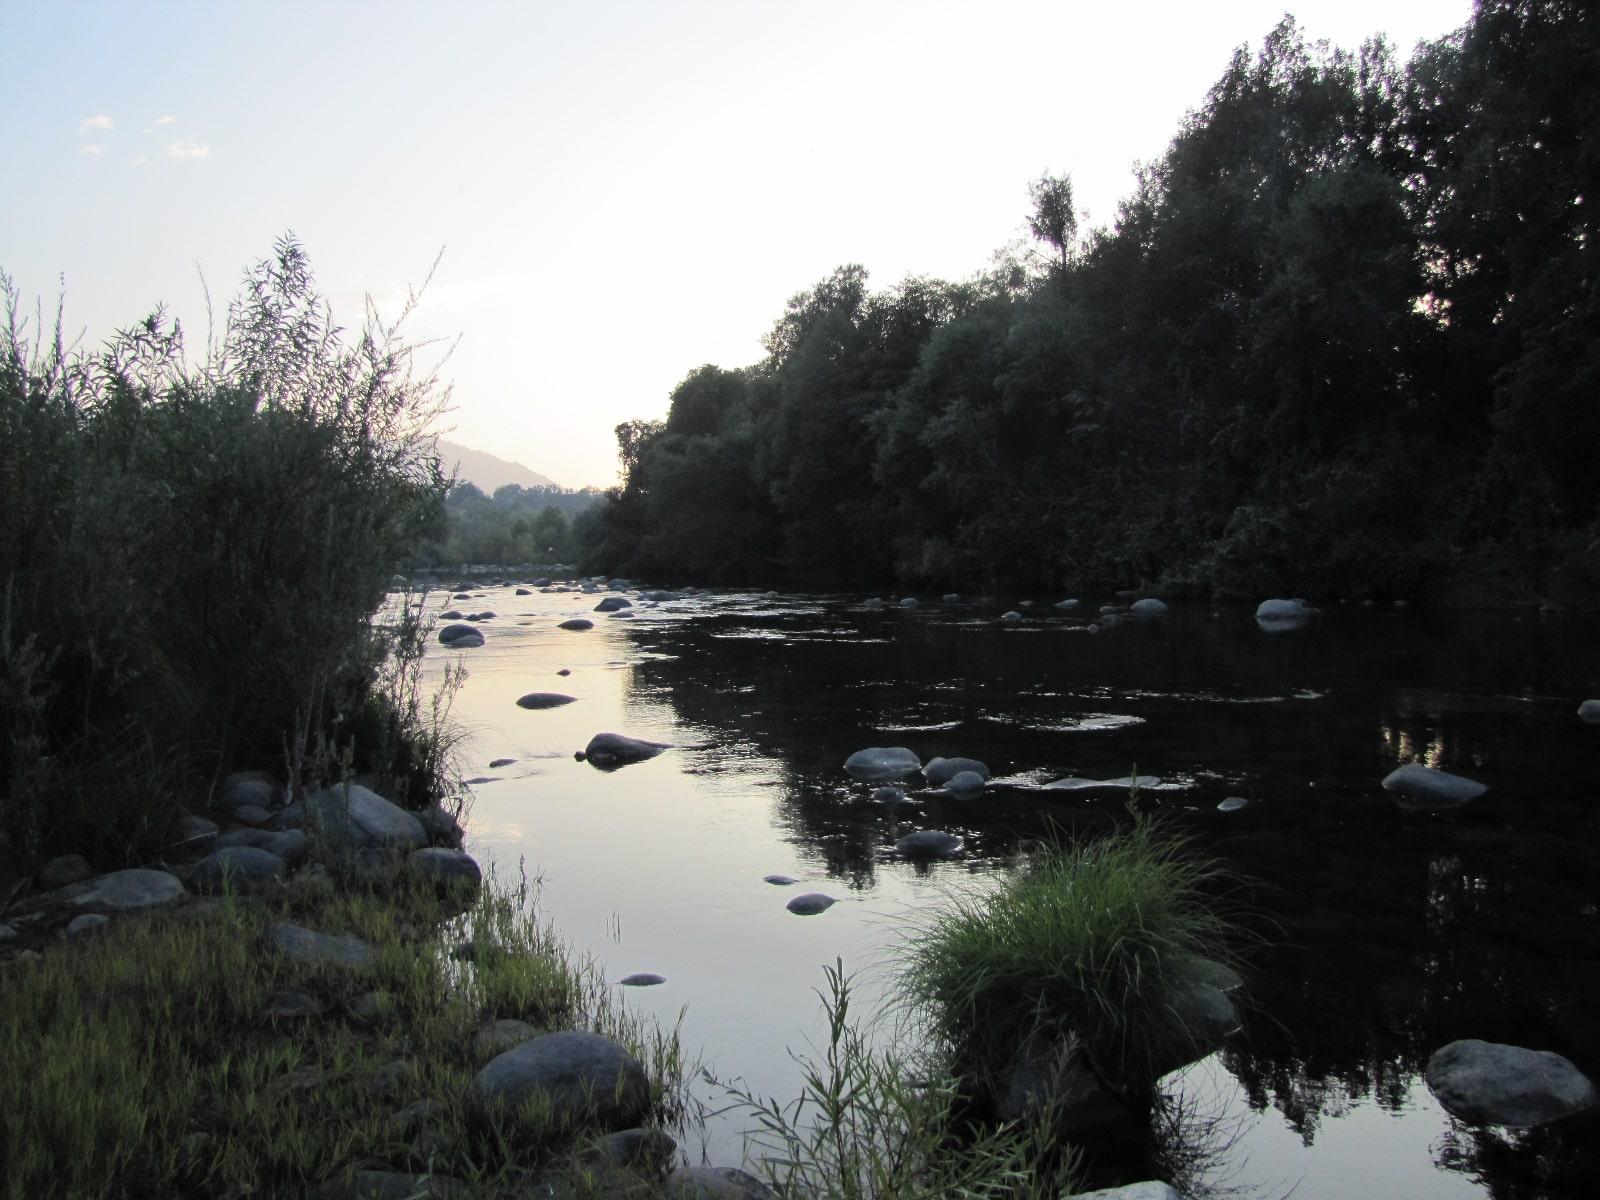 la rivière derrière le chalet